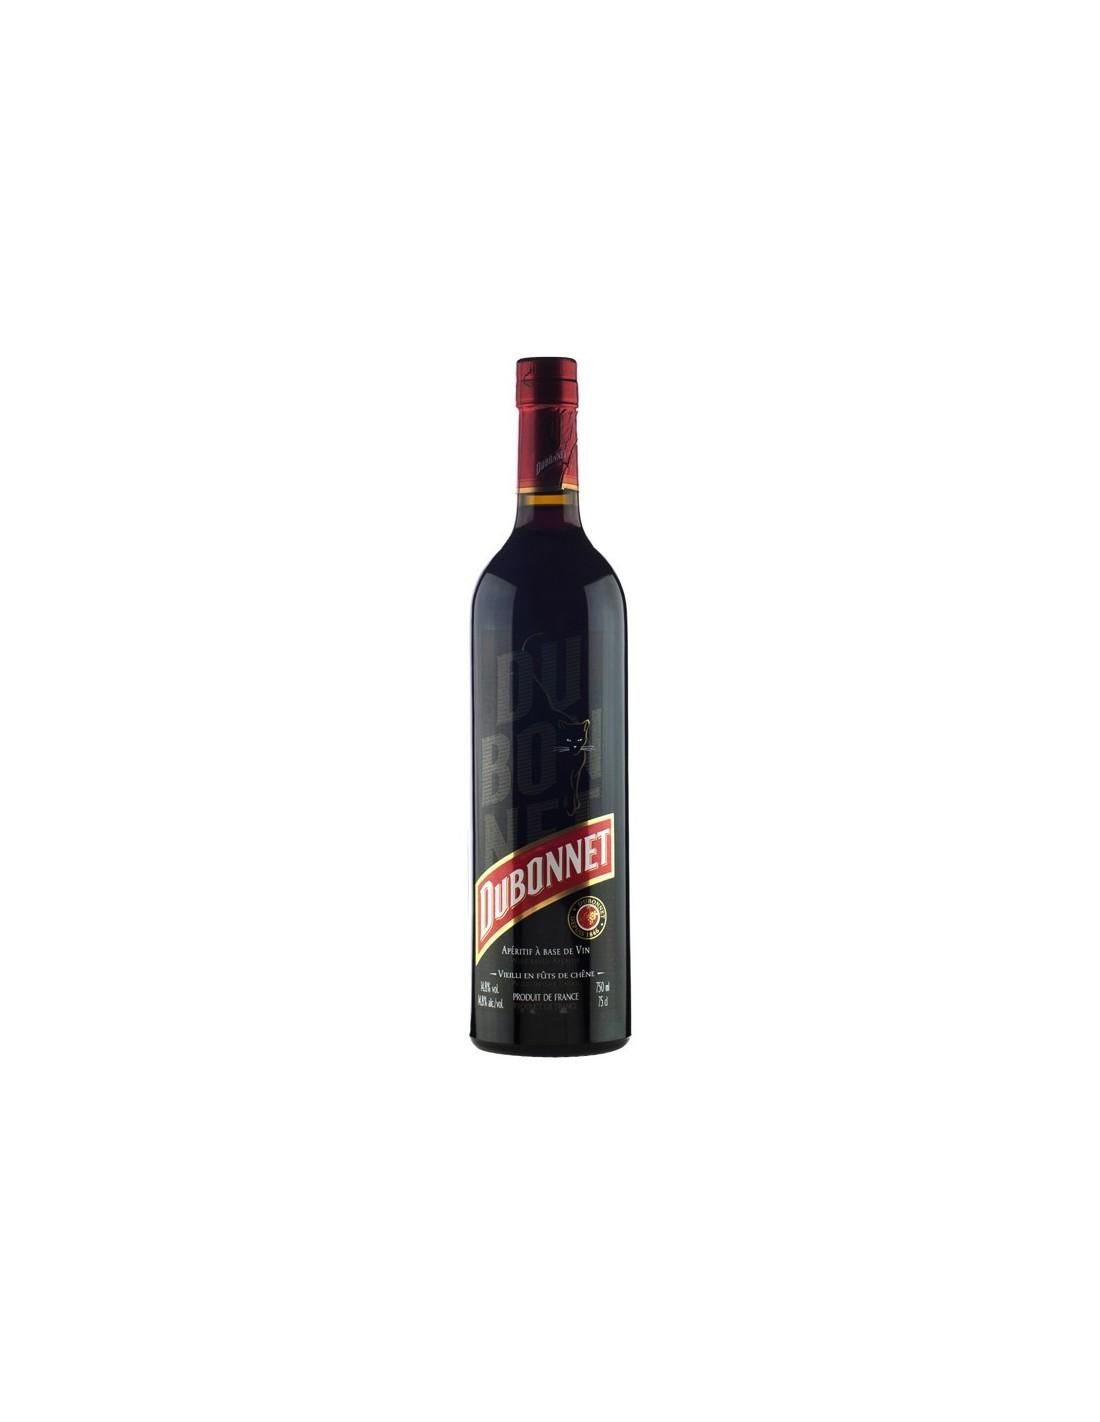 Aperitiv Dubonnet, 14.8% alc., 0.75L, Franta